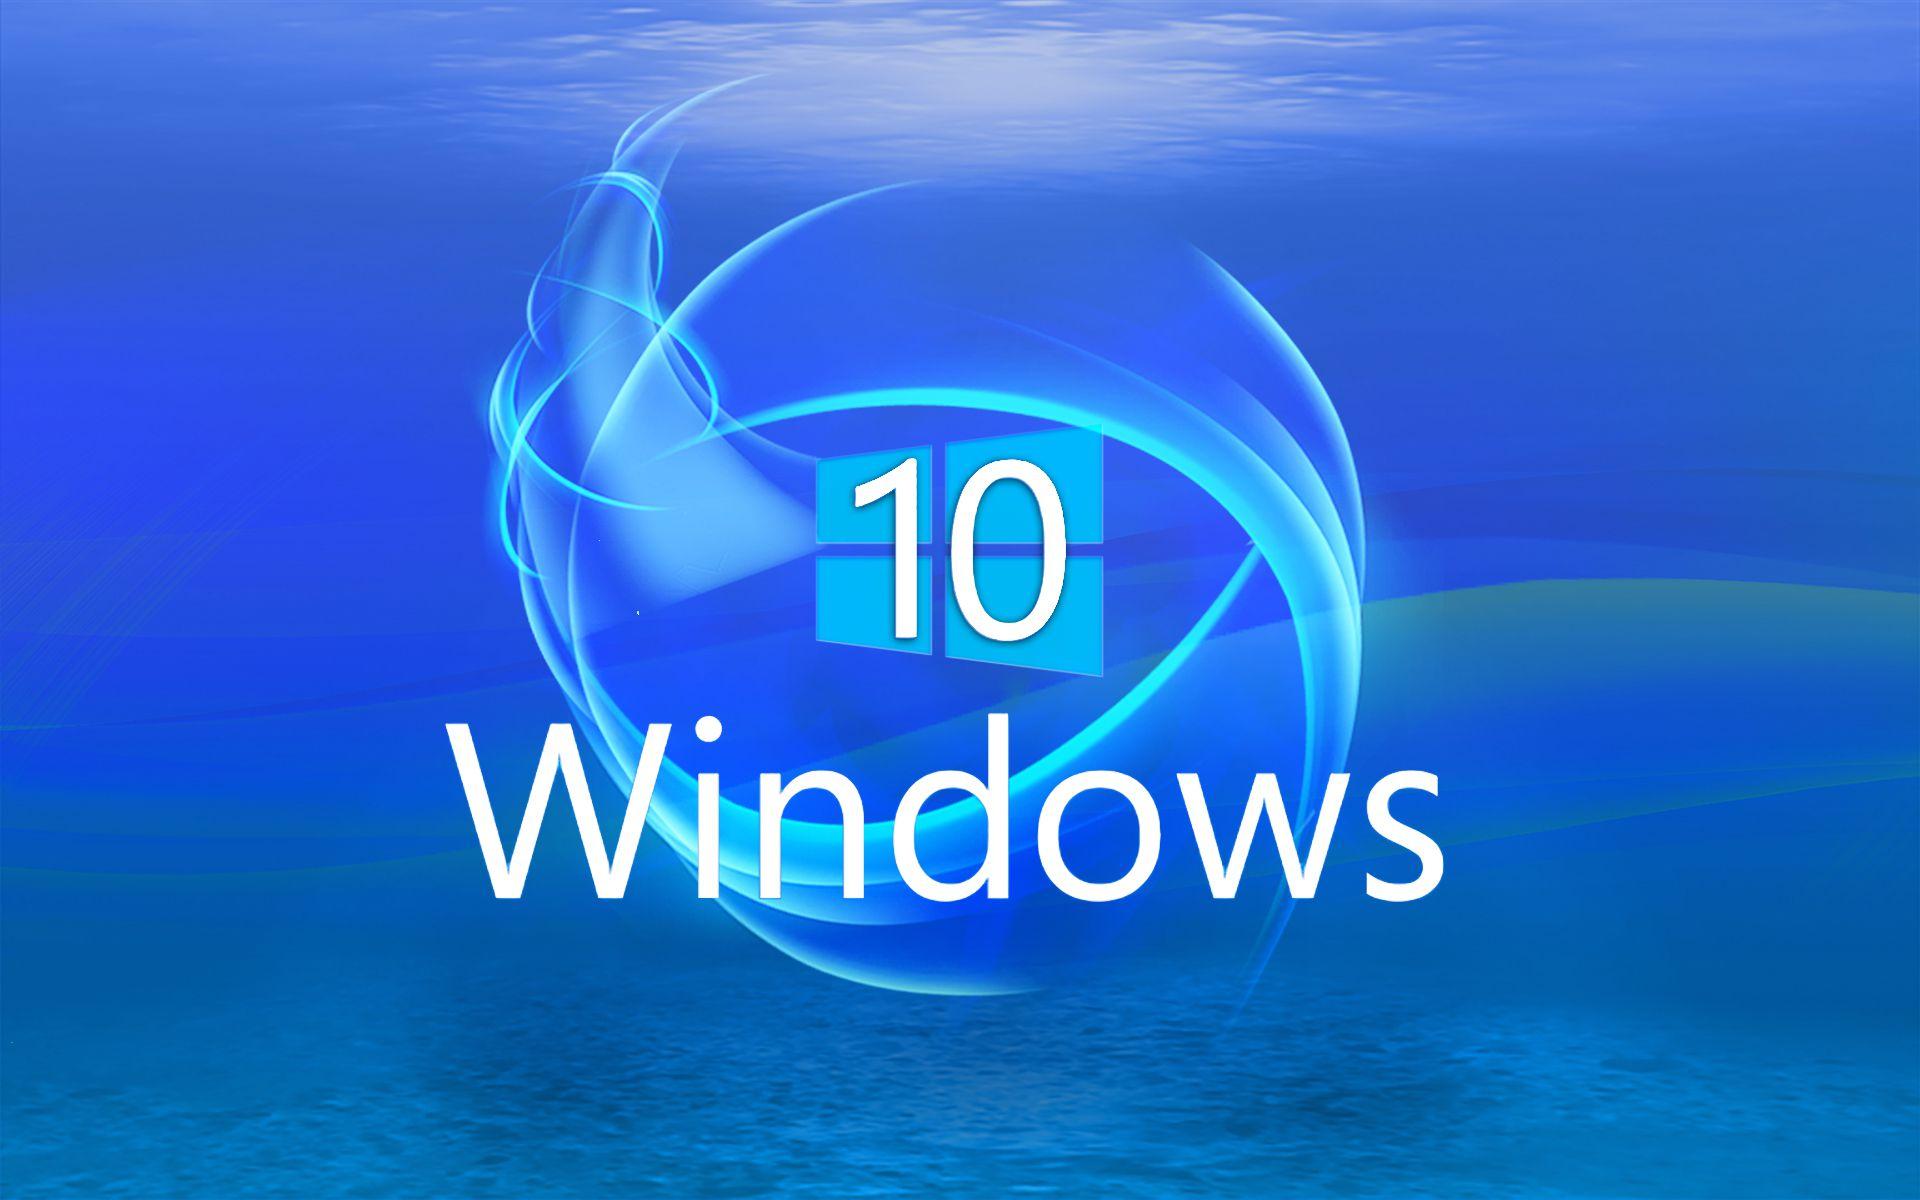 Что нужно к ноутбуку_Самые необходимые аксессуары - операционная система